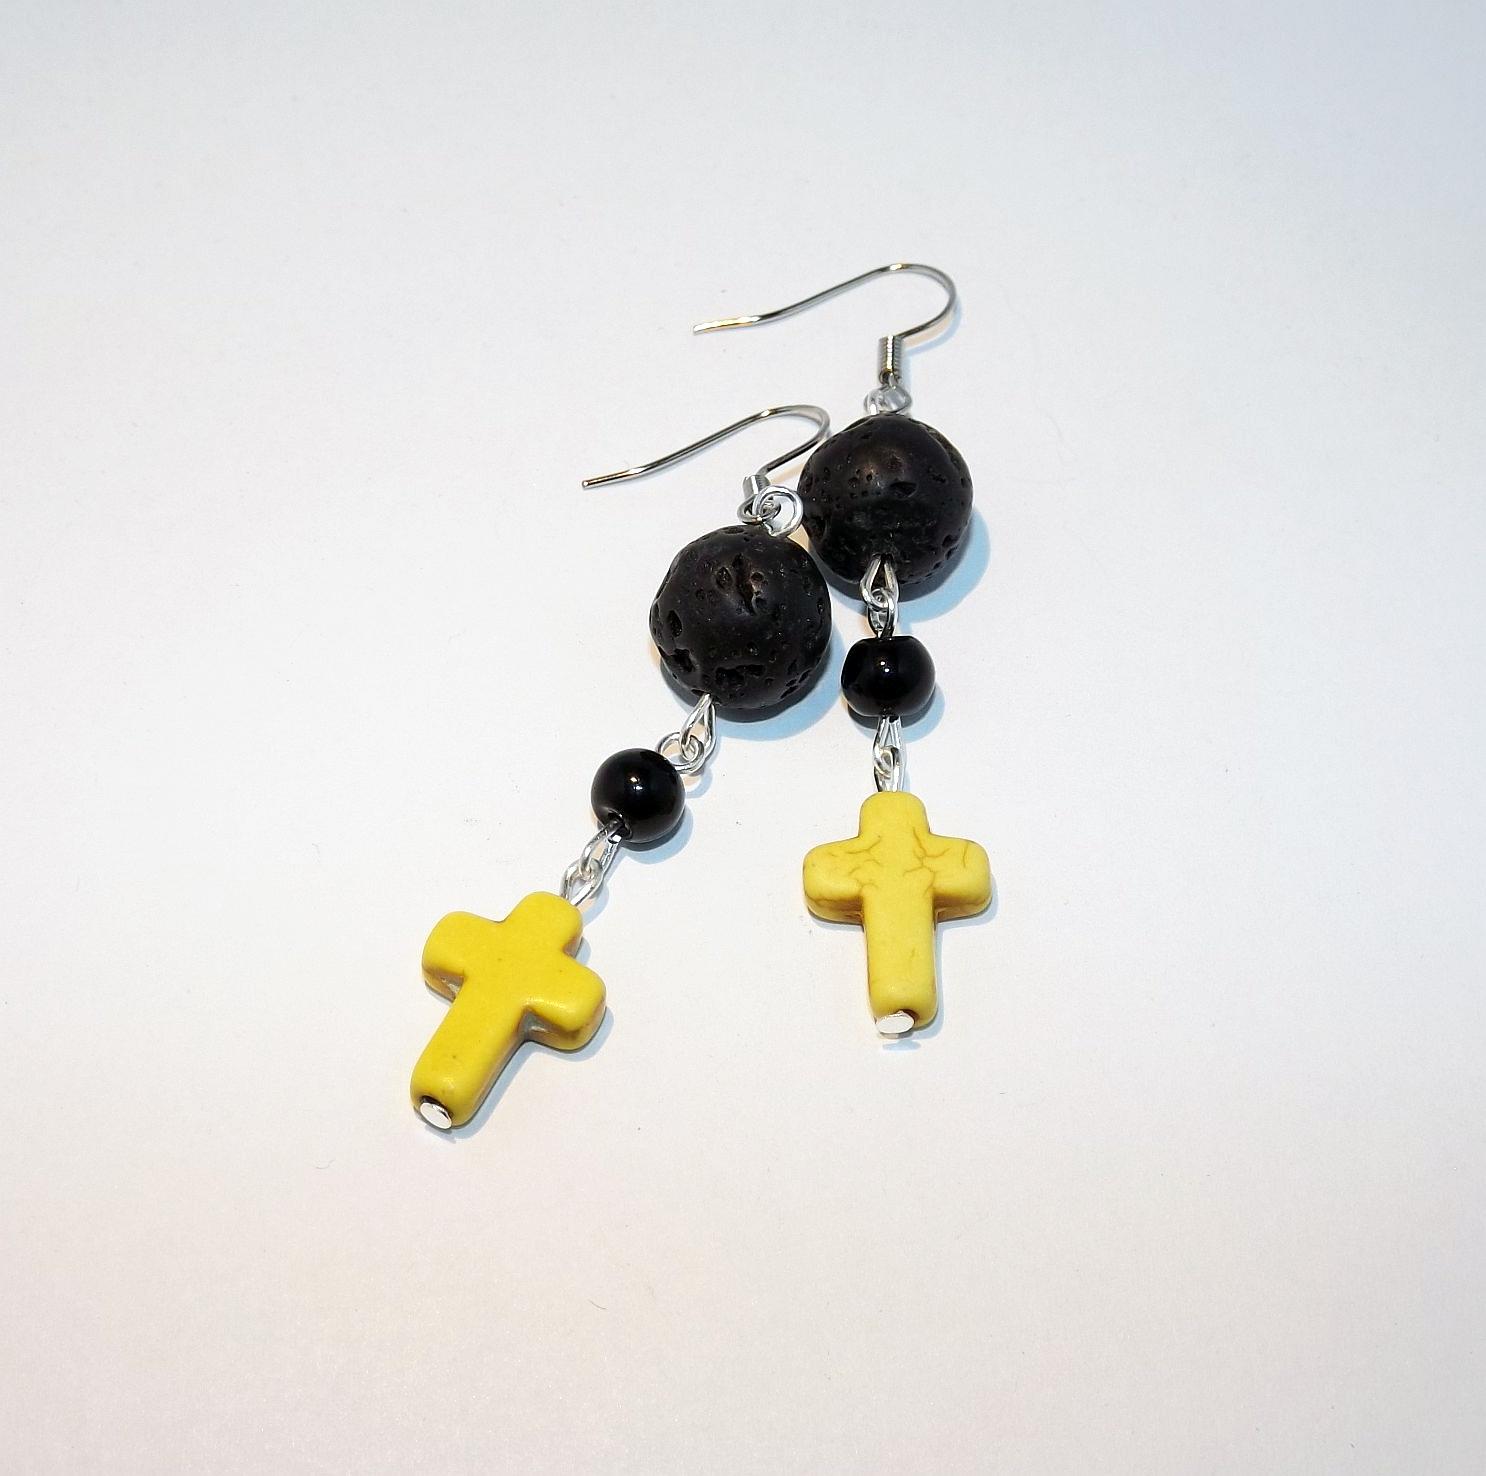 handmade_howlite_cross_lava_beads_earrings_earrings_4.jpg